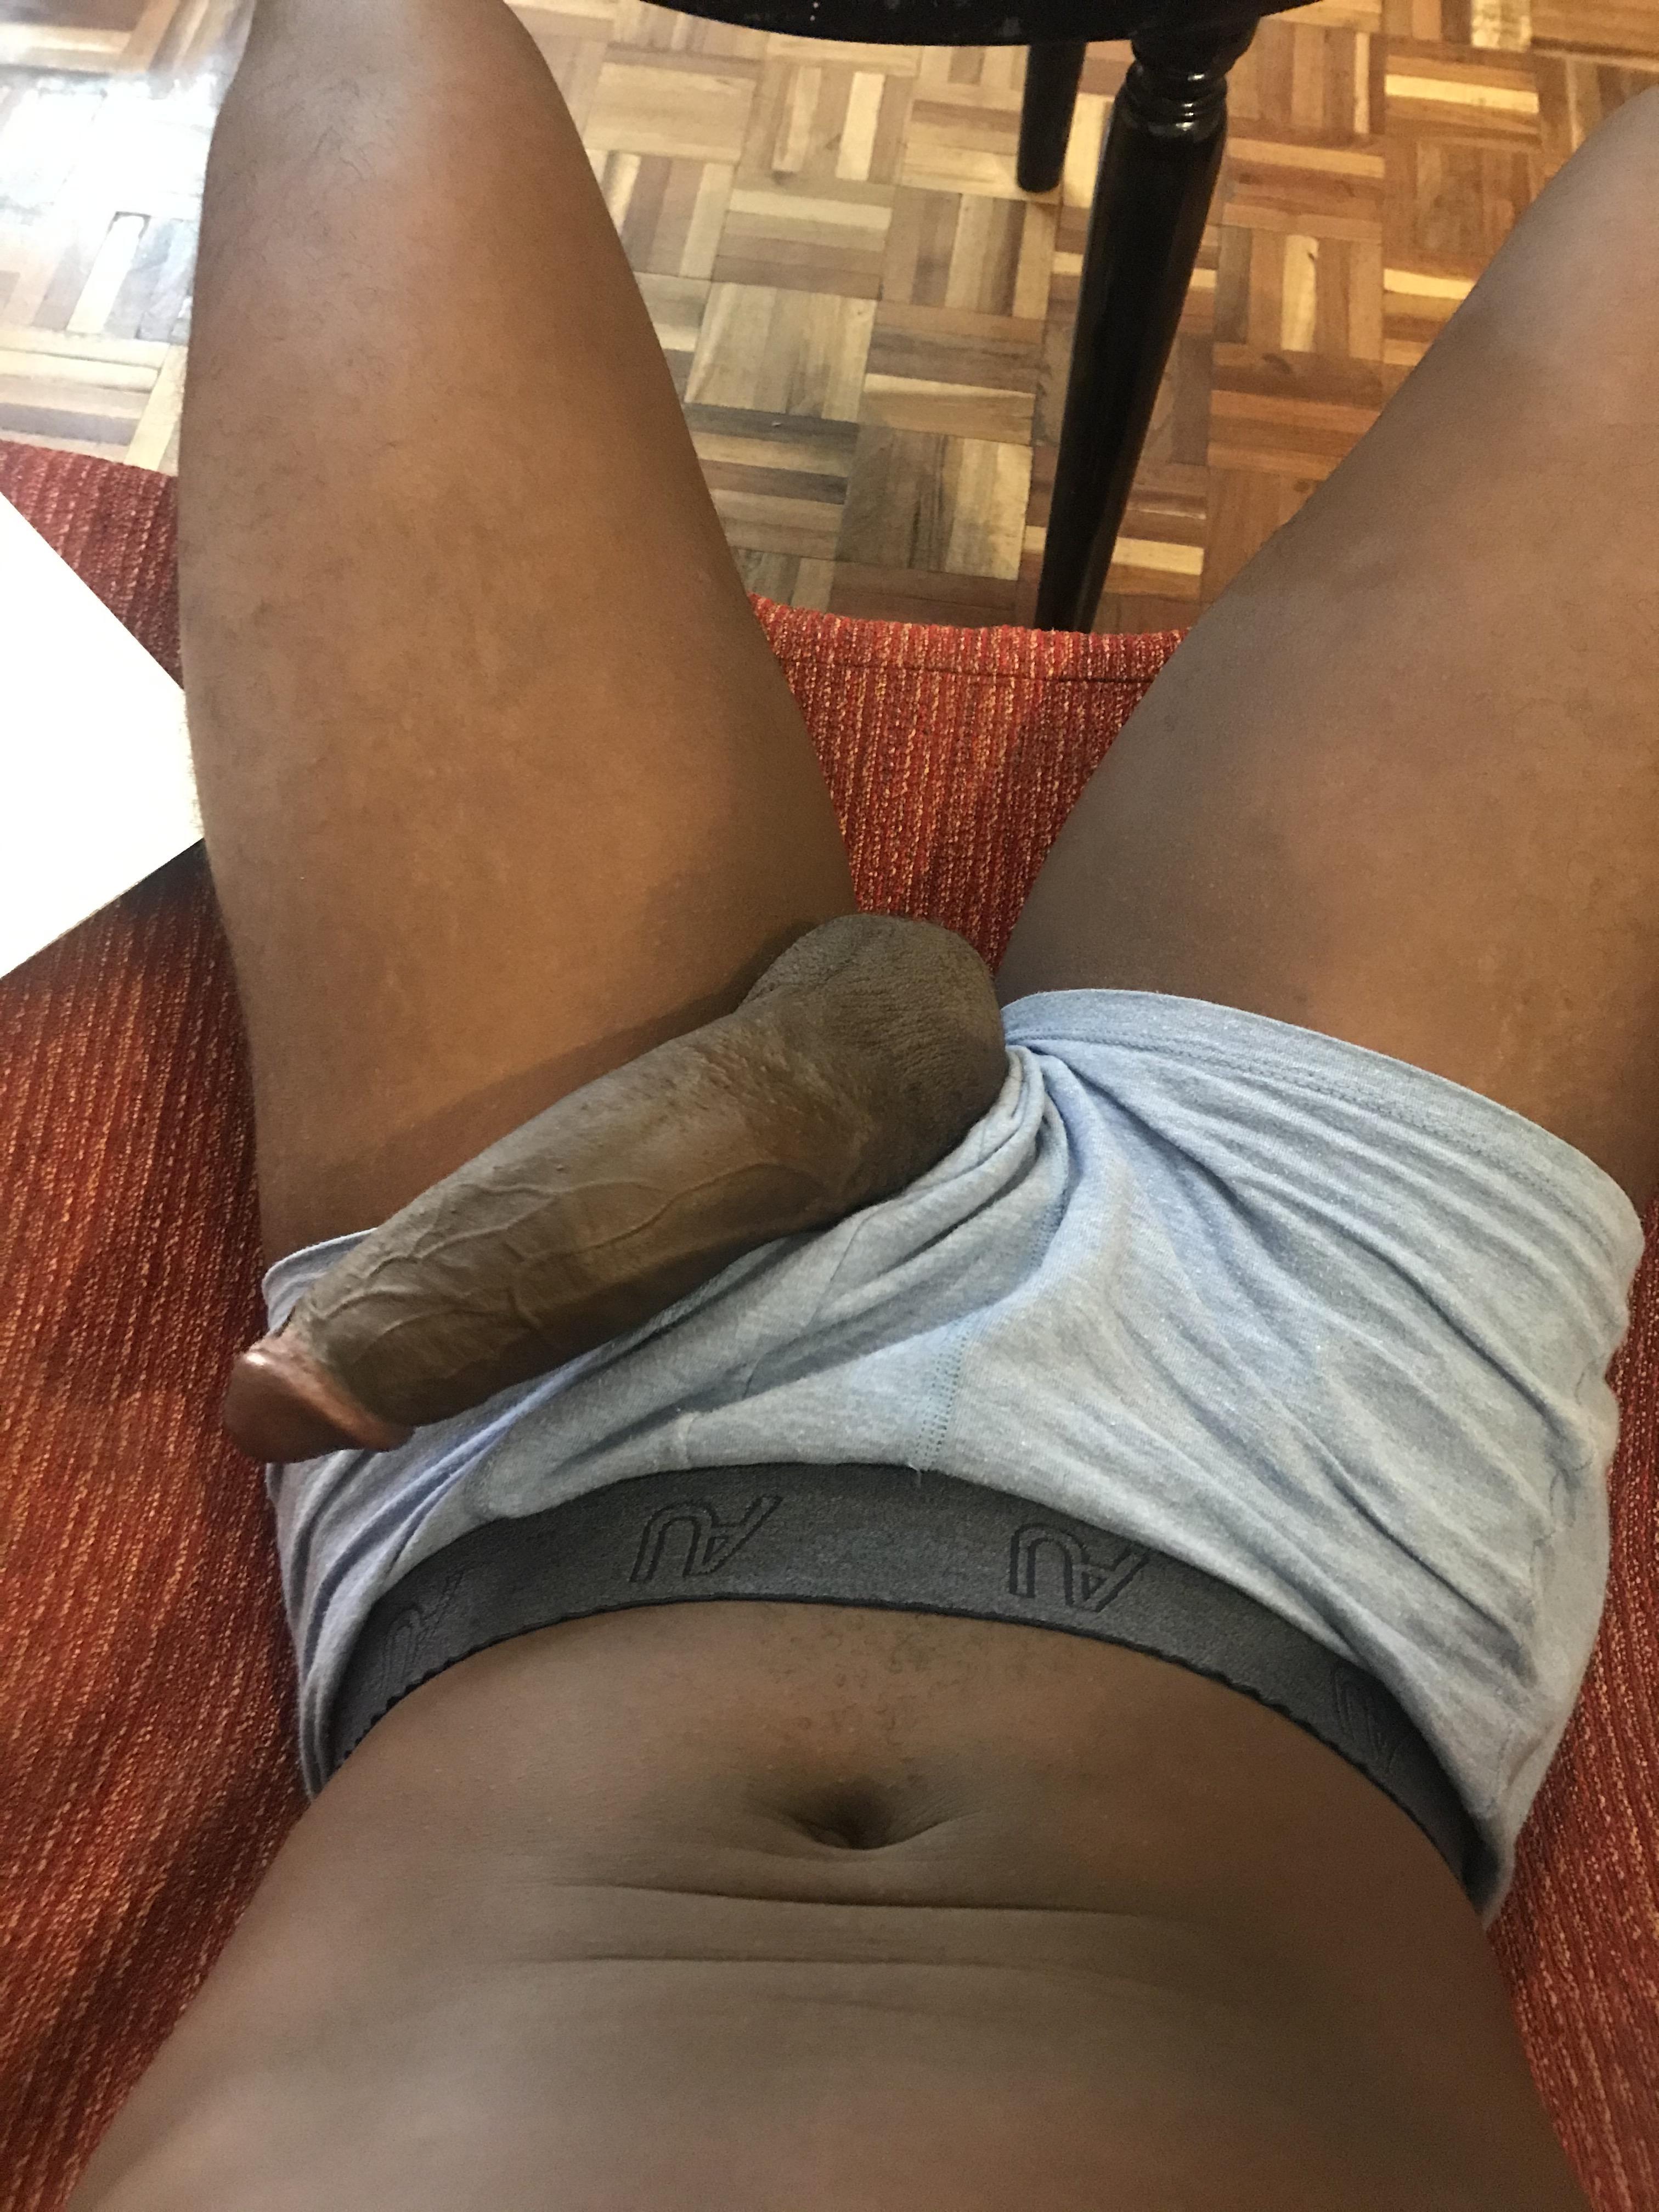 lisa simpson butt naked